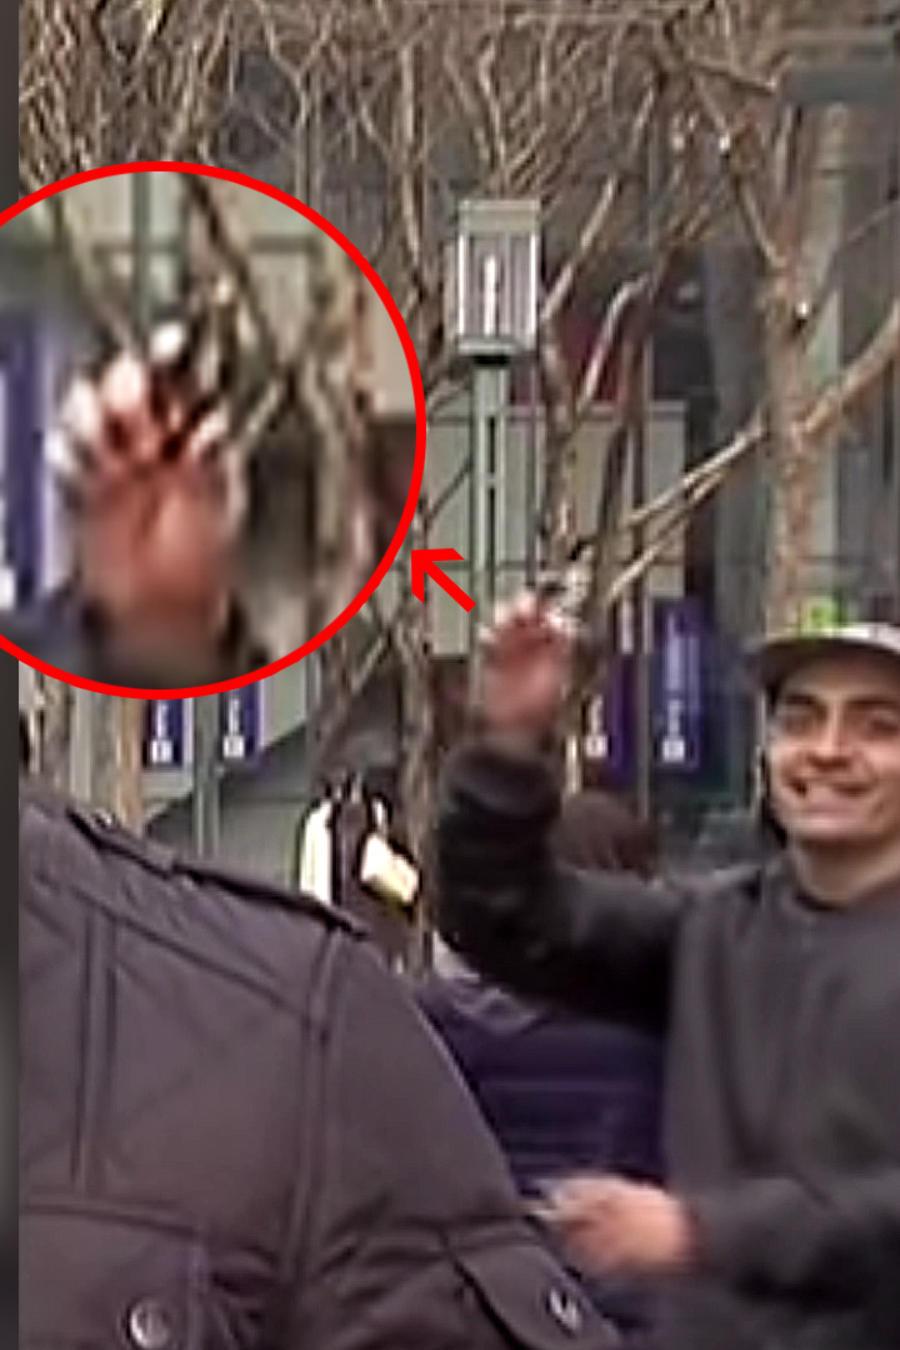 Hombre muestra arma detras de reportero